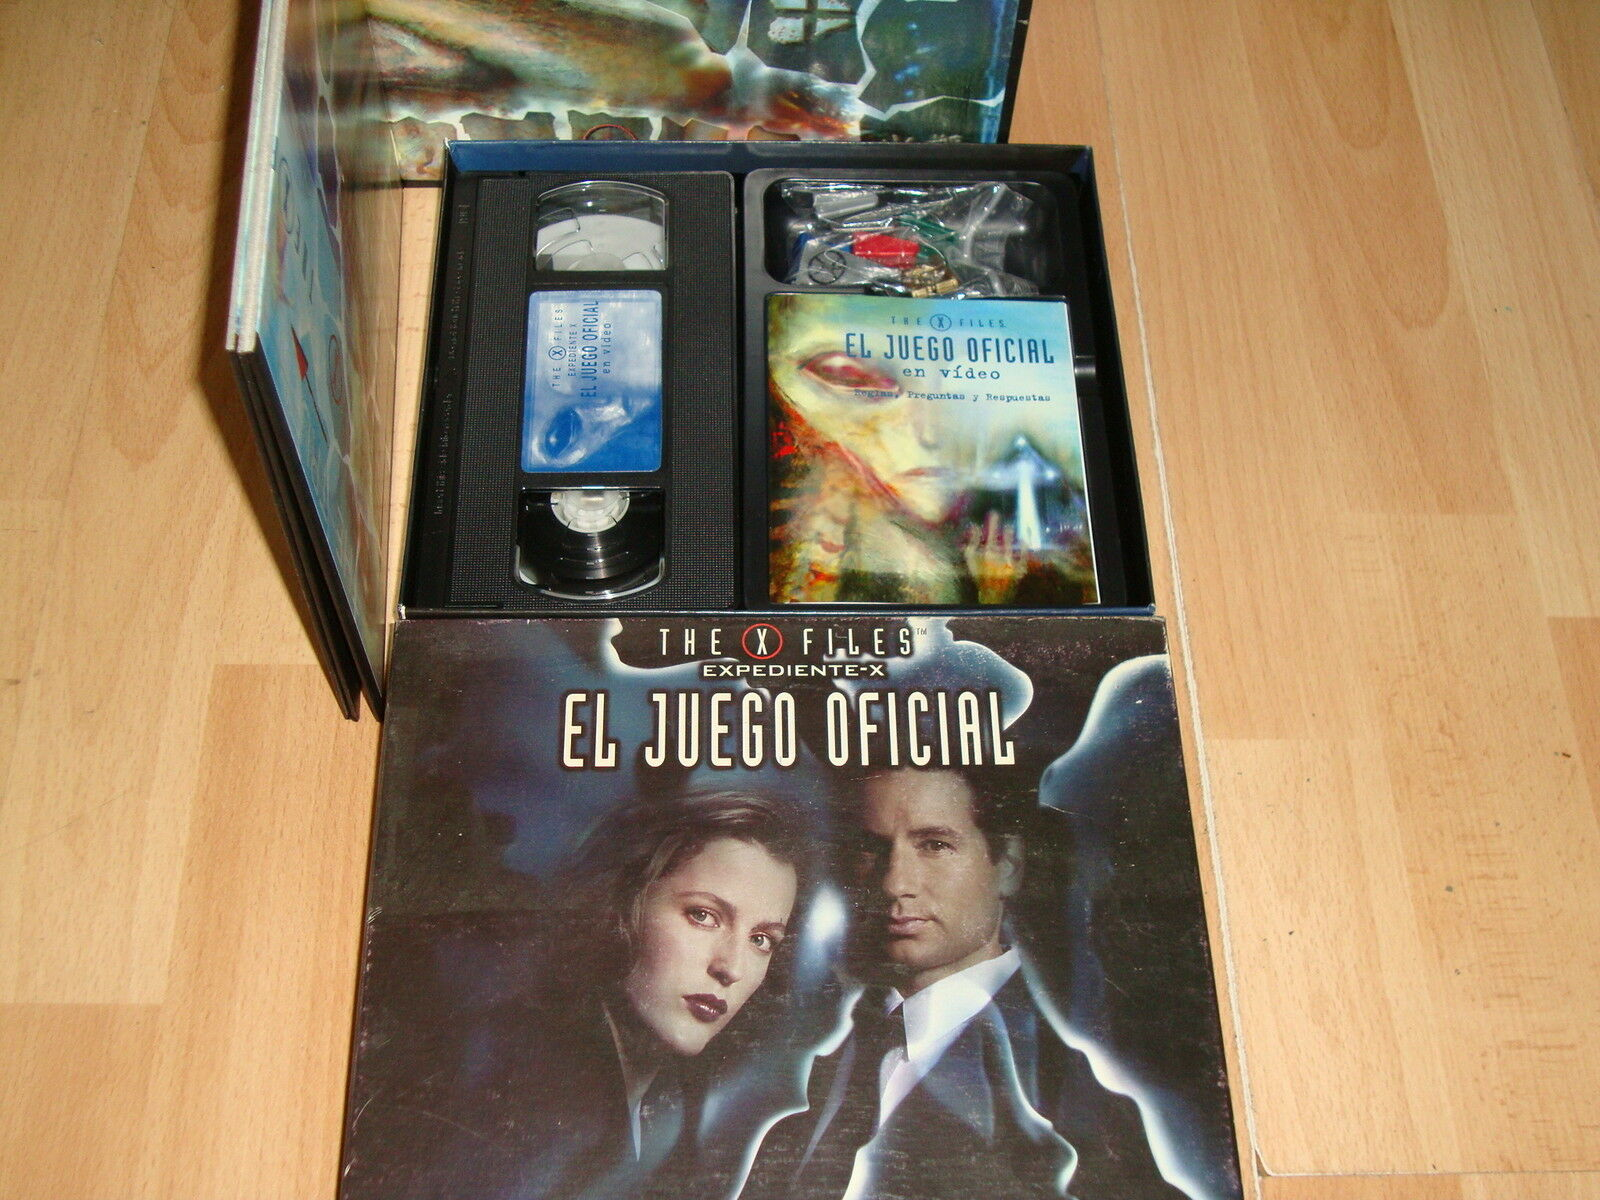 THE X FILES EXPEDIENTE X EL EL EL JUEGO OFICIAL DE MESA CONTIENE CINTA VHS DE VIDEO 20881e